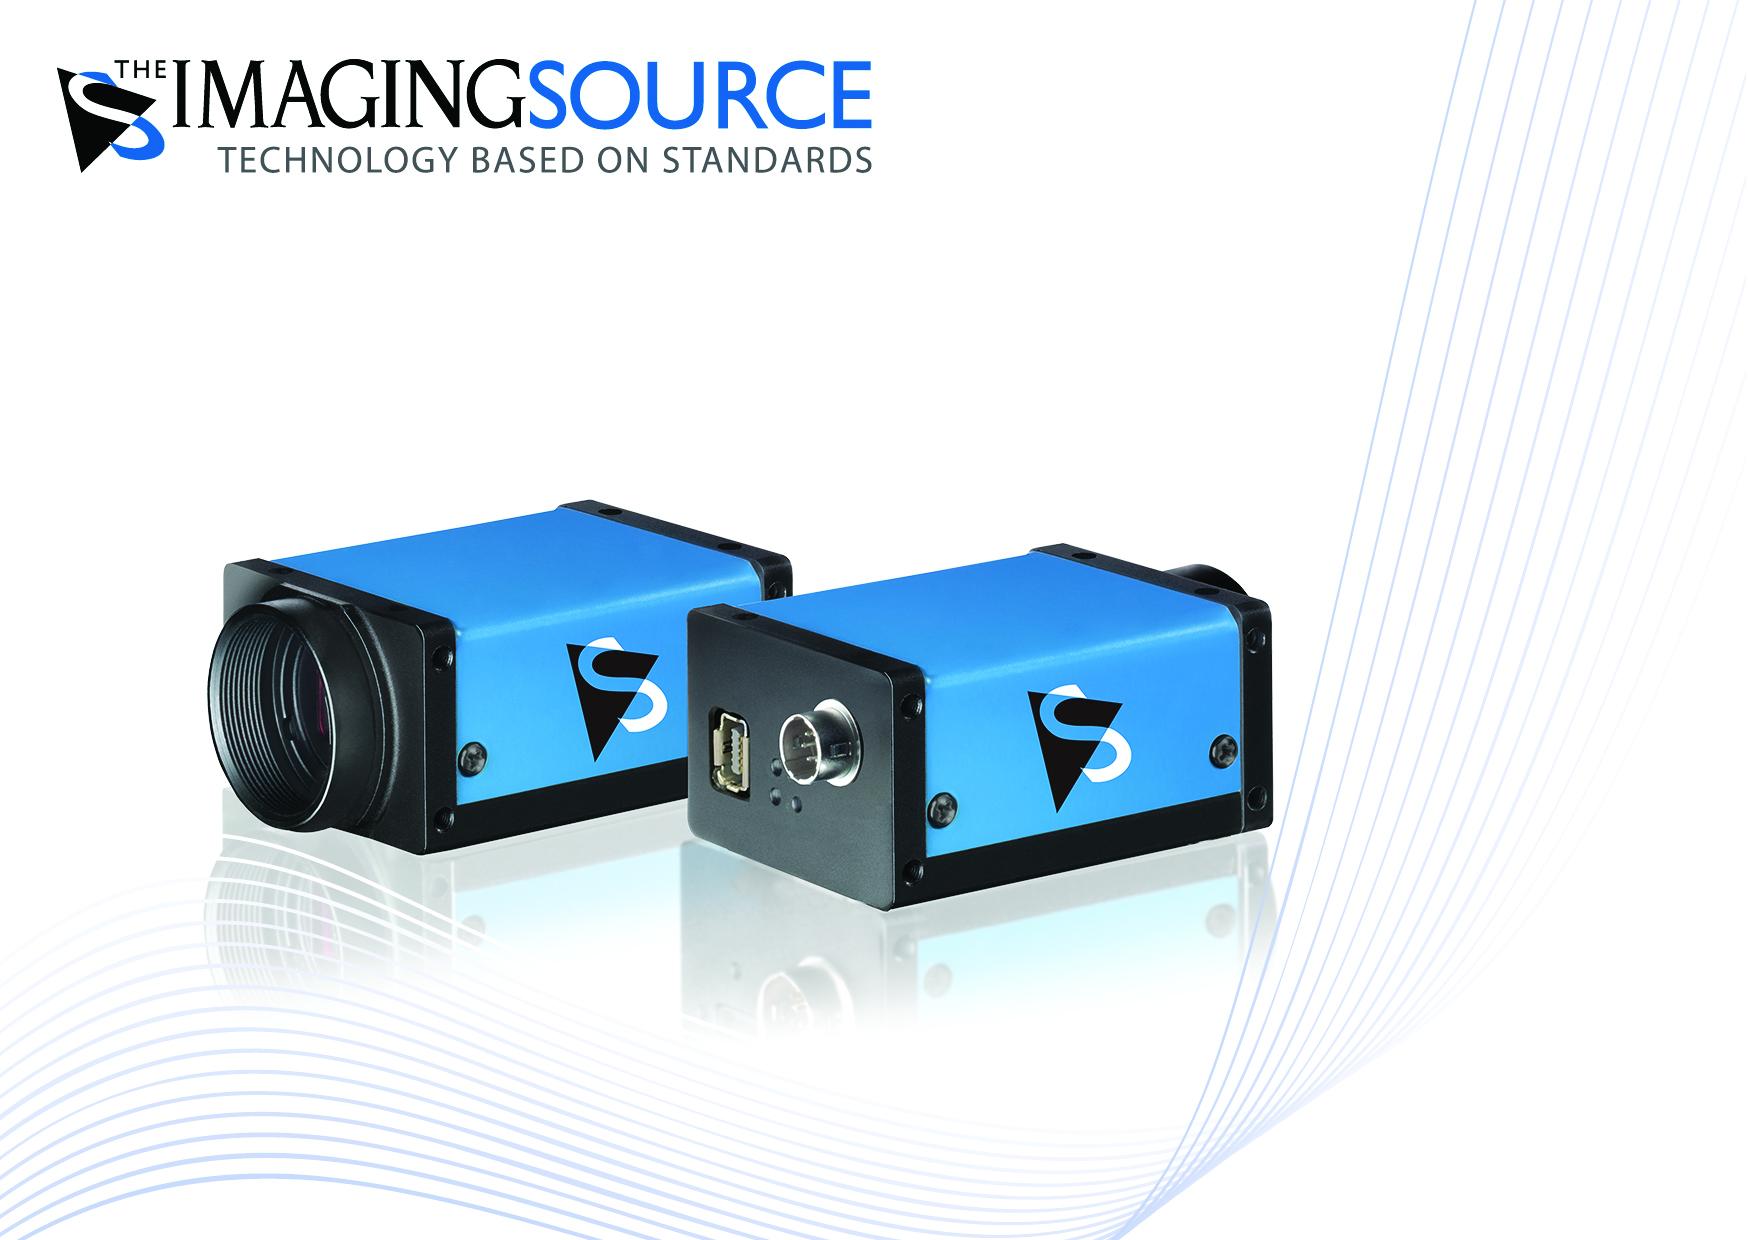 GigE Vision Industrie Zoomkameras mit Motor-/Autofokus sowie die neuen USB3.1 Autofokusmodelle. (Bild: The Imaging Source Europe GmbH)